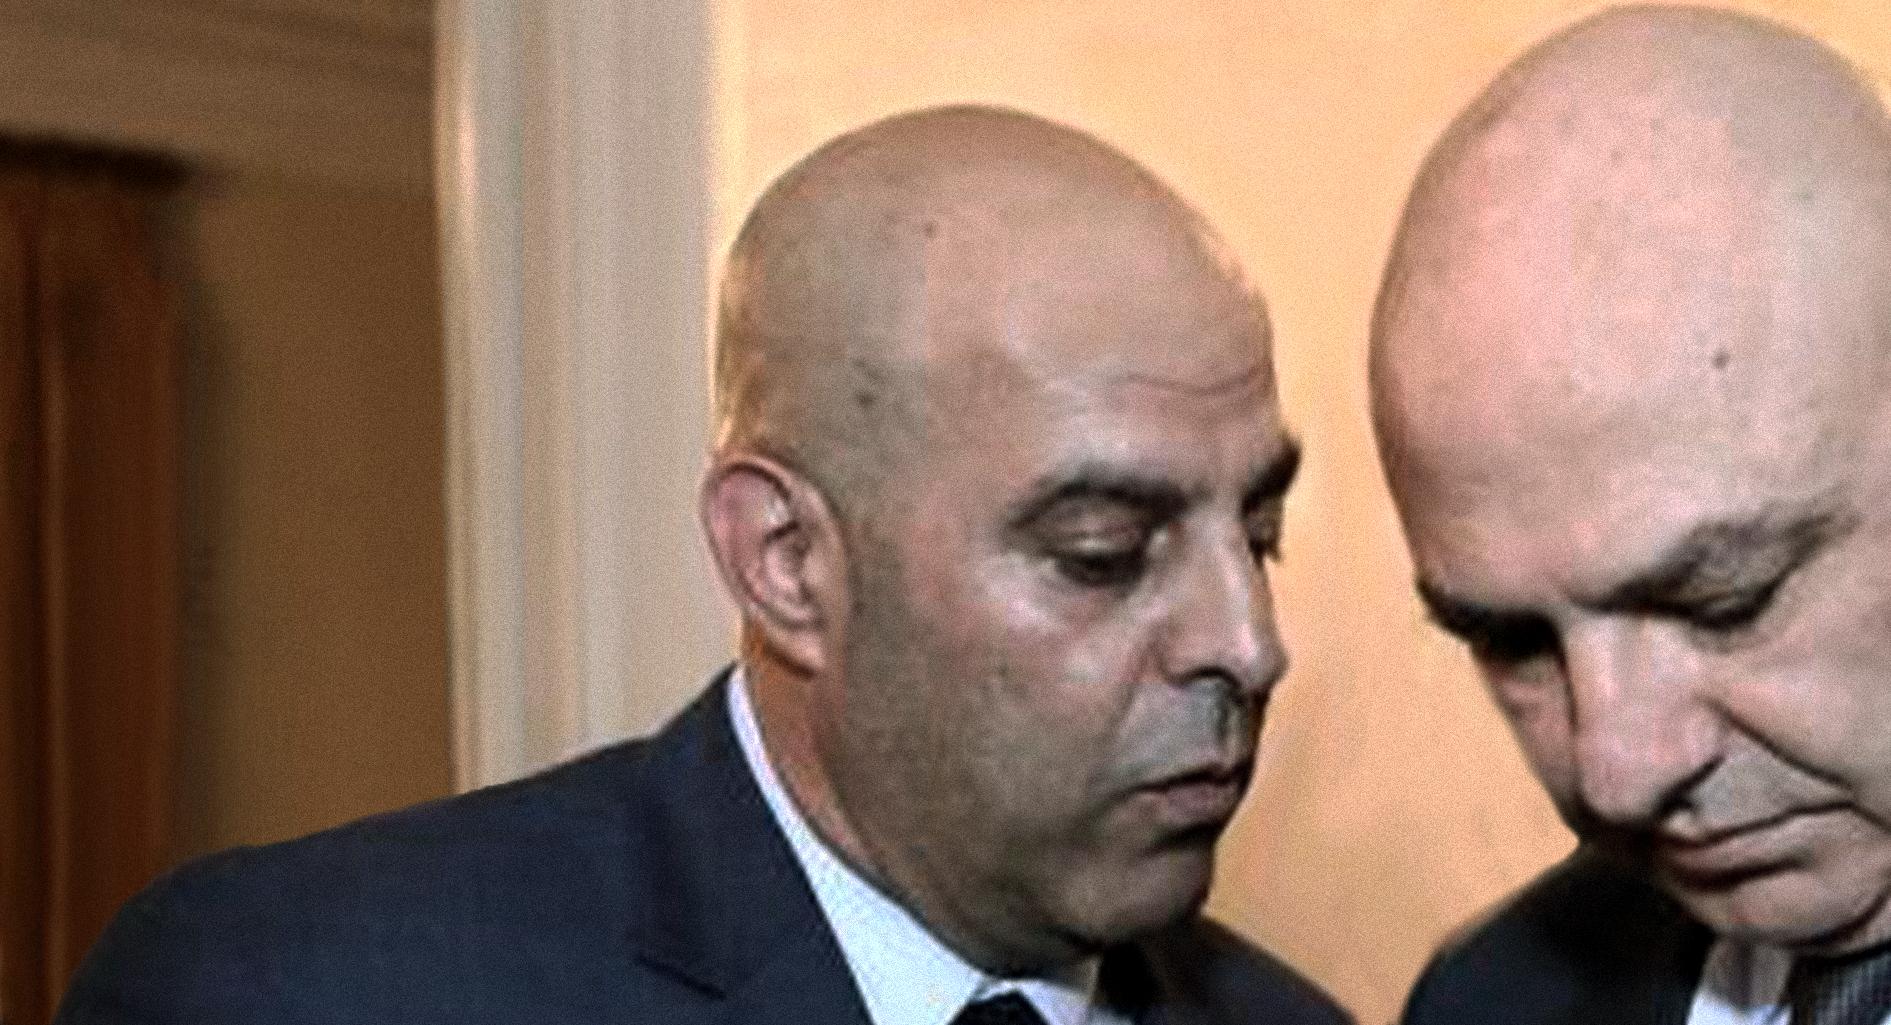 صورة عميل إسرائيل عامر فاخوري يطالب بتنصيبه بطلاً لأنّ بشير الجميّل ليس أفضل منه